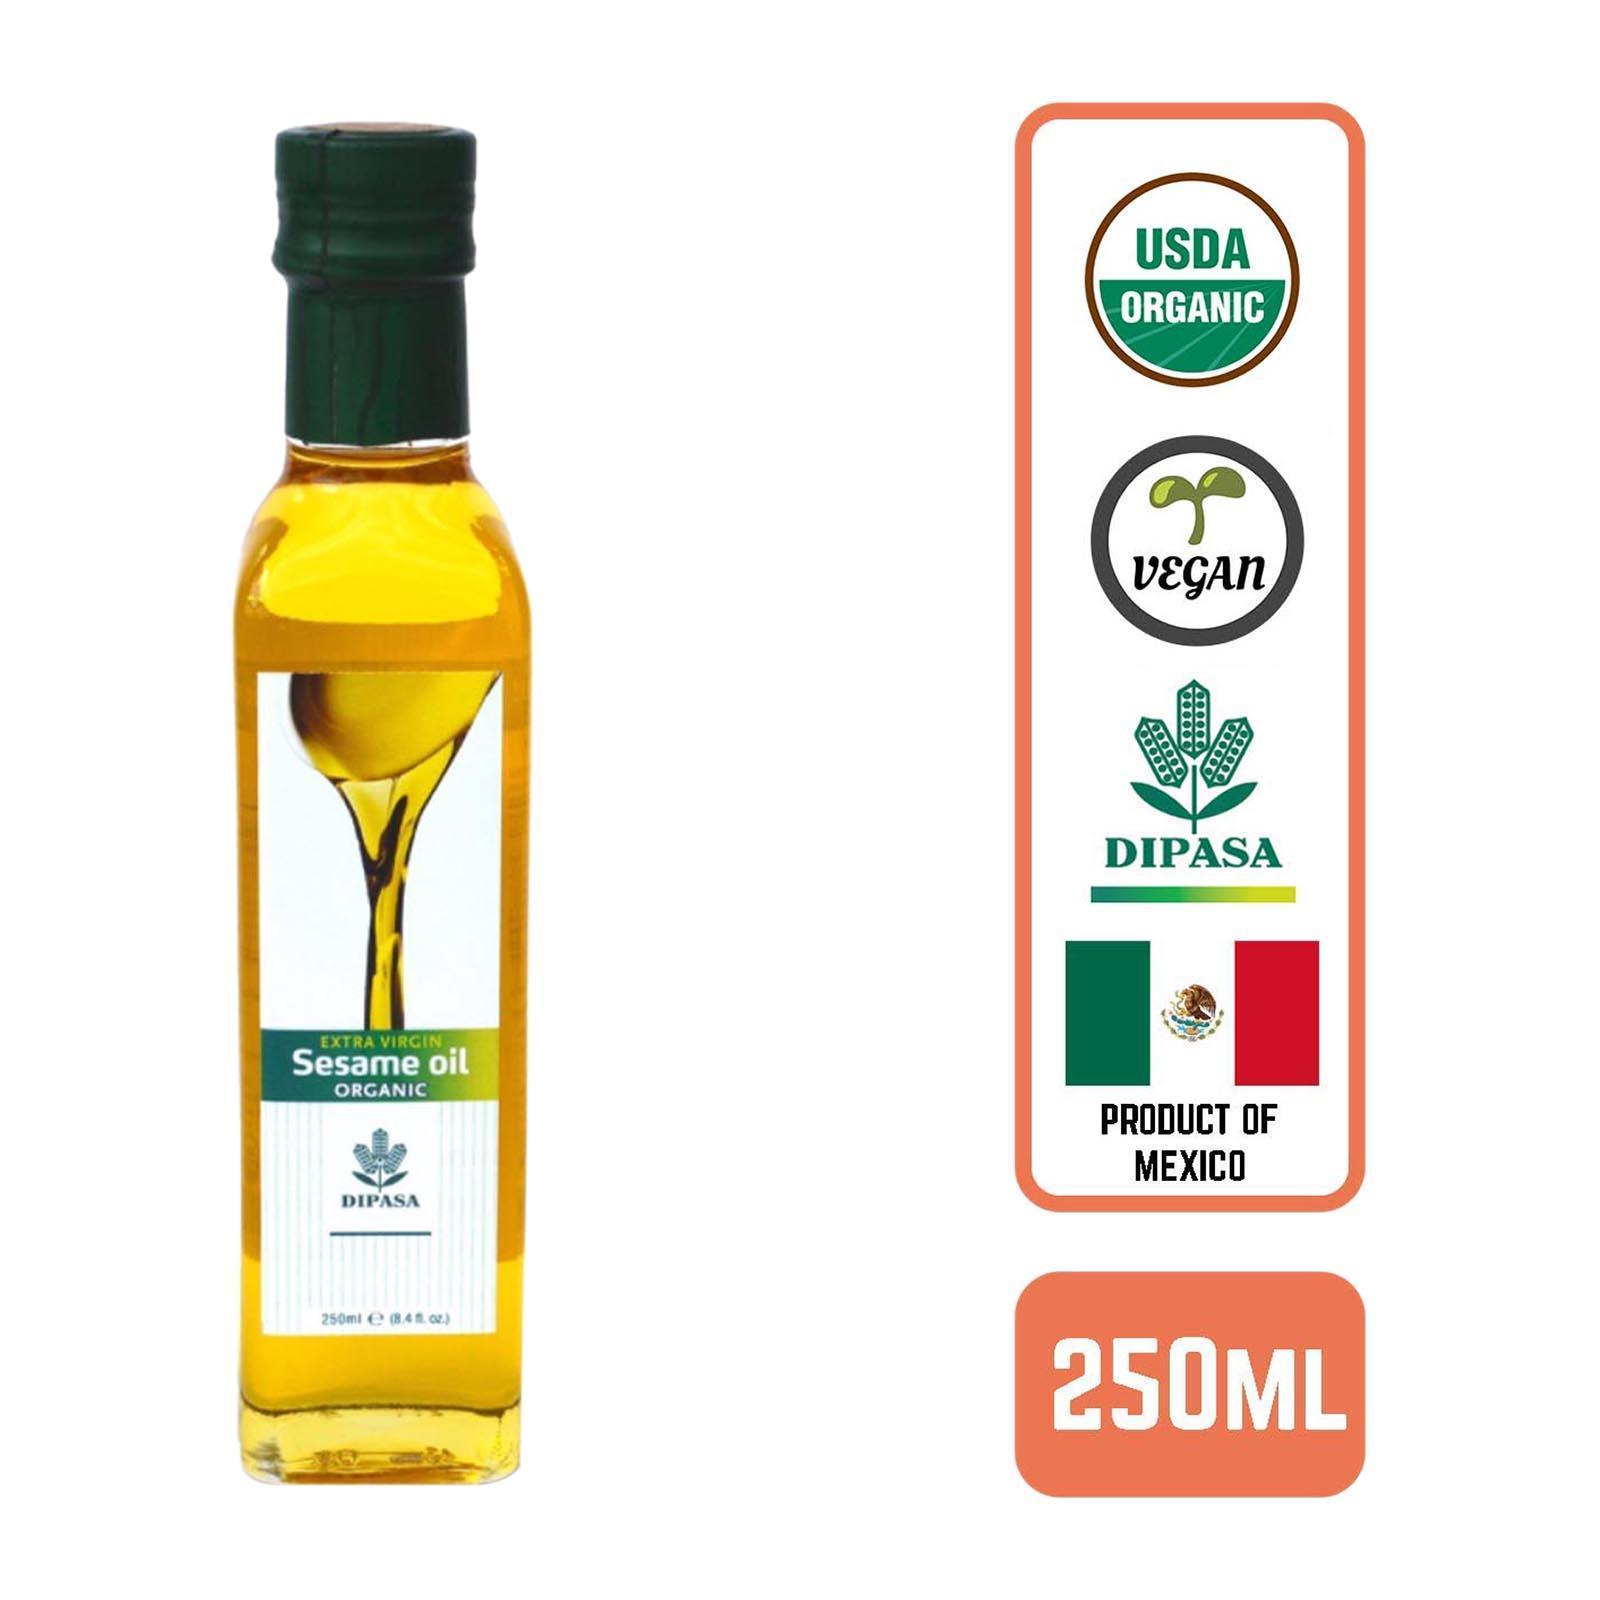 Dipasa Organic Virgin Sesame Oil By Redmart.